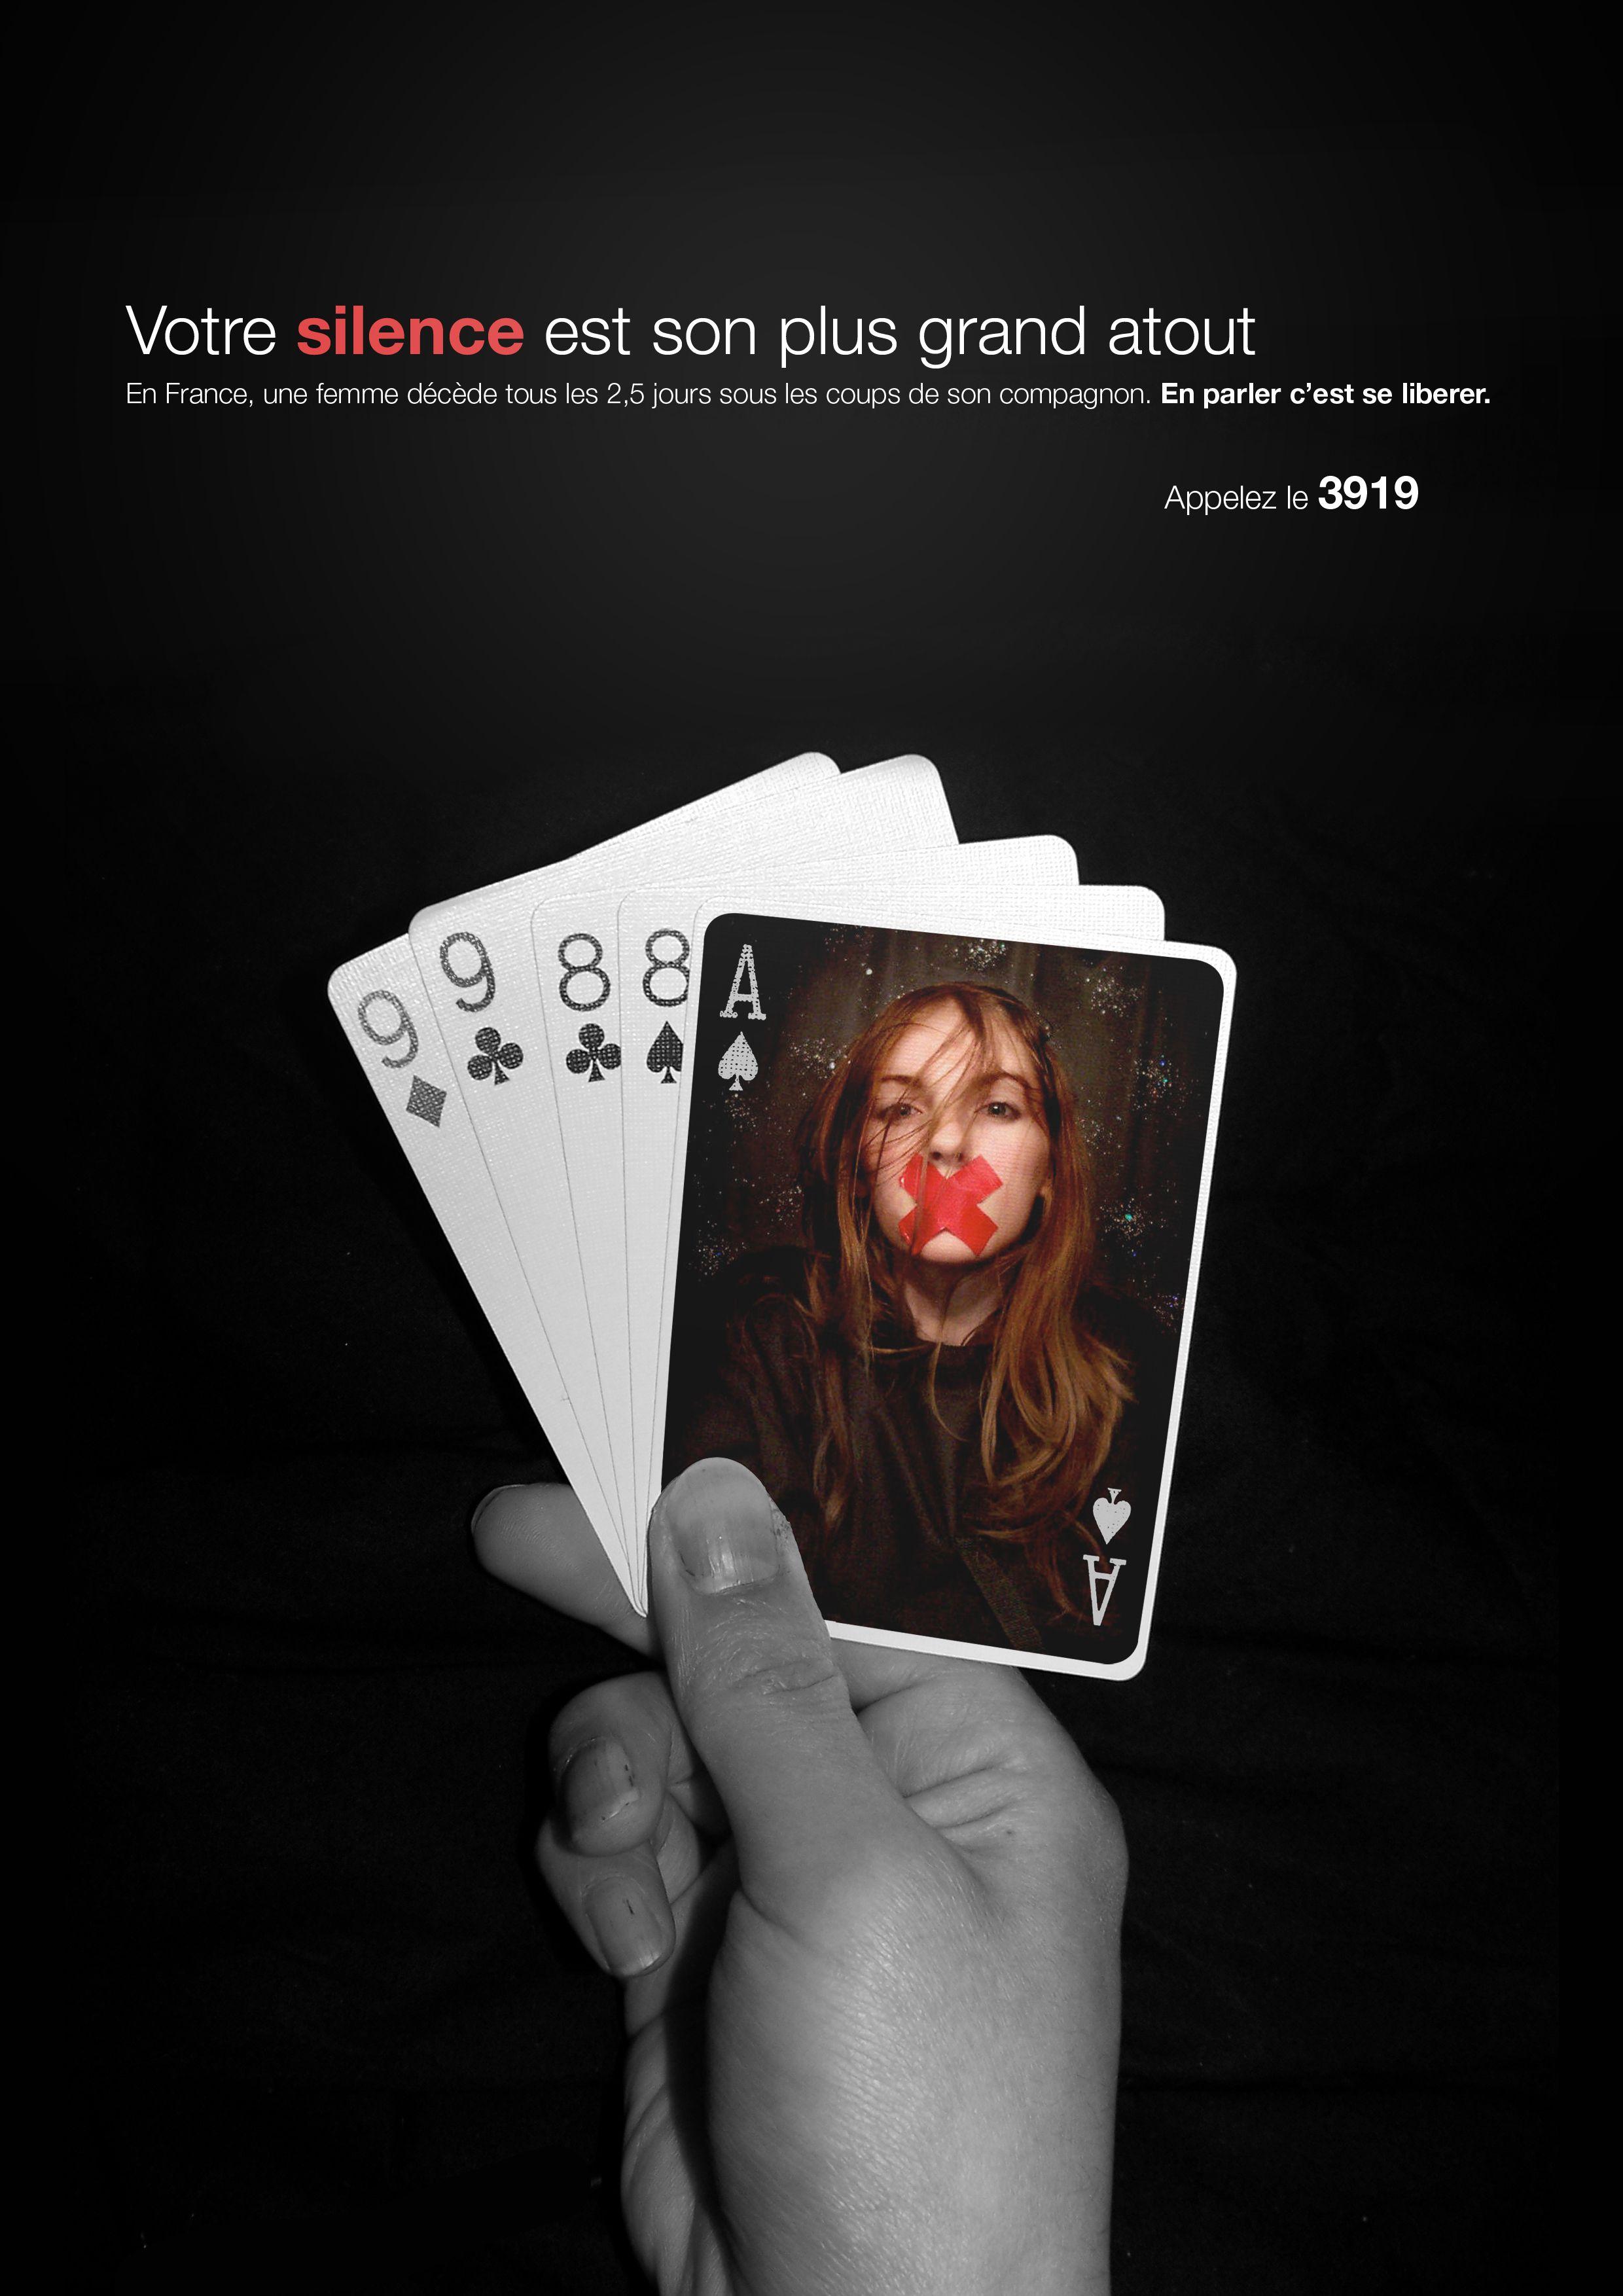 violence femmes abus france 2010 publicit sociale et communication pour la sant. Black Bedroom Furniture Sets. Home Design Ideas